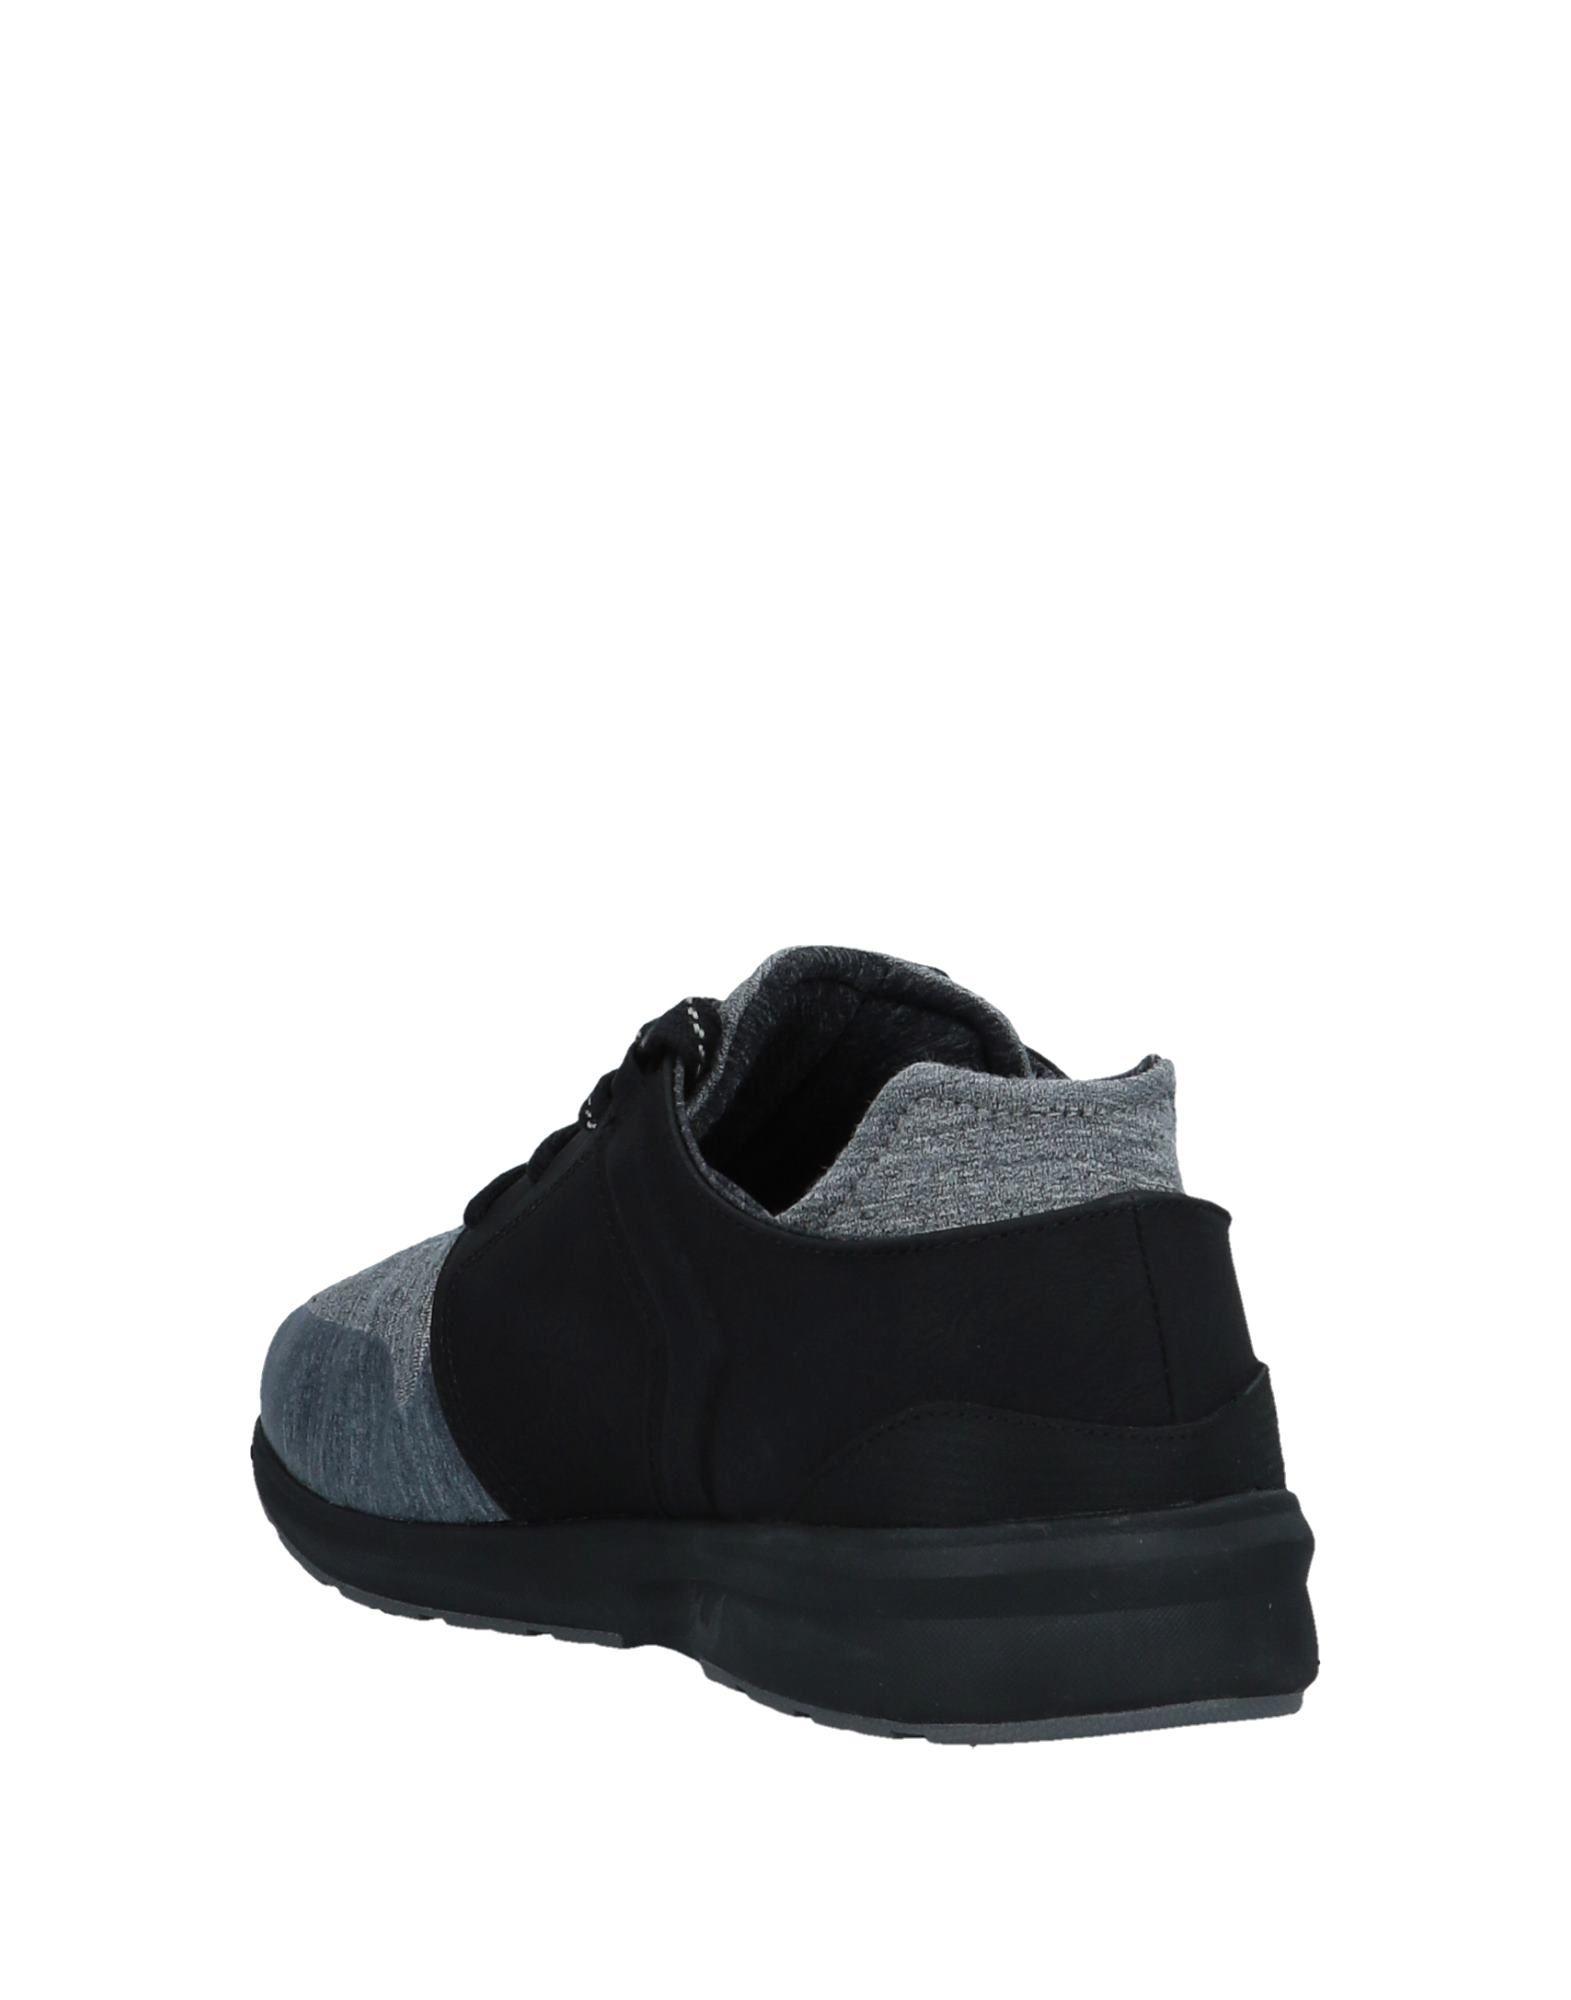 Rabatt Tab echte Schuhe Levi's Red Tab Rabatt Sneakers Herren  11536655WD 6b1195